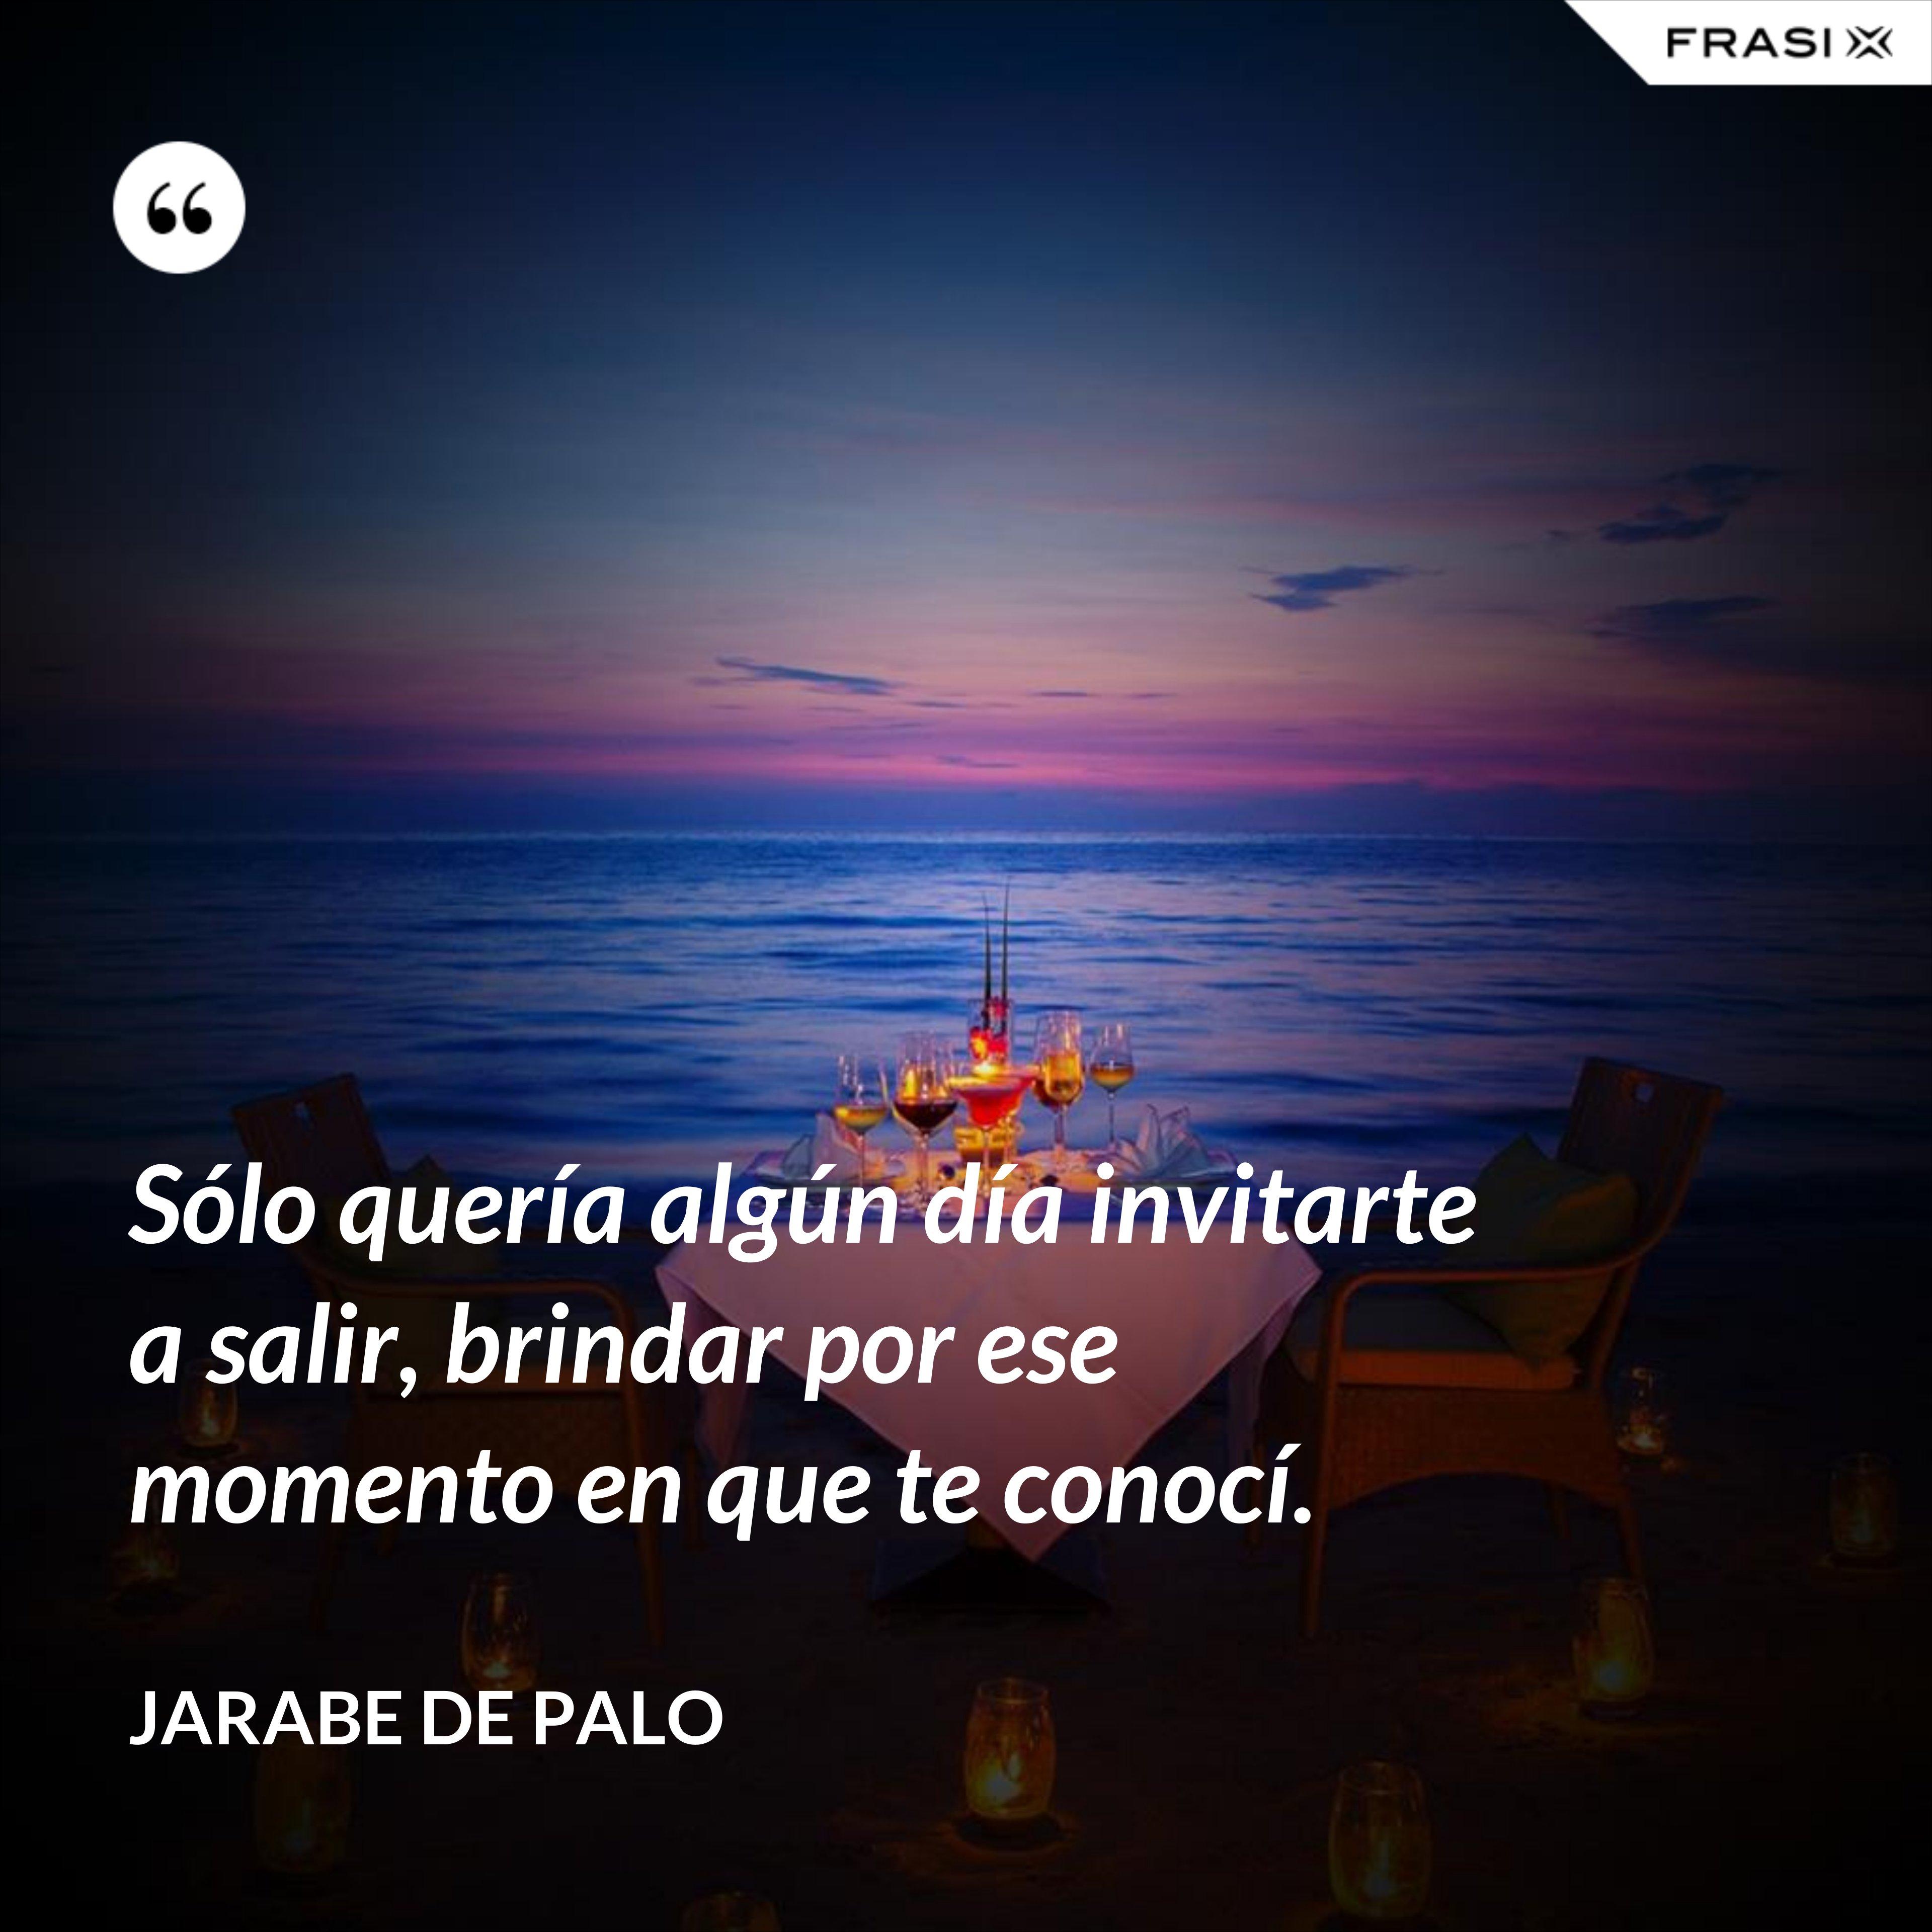 Sólo quería algún día invitarte a salir, brindar por ese momento en que te conocí. - Jarabe De Palo